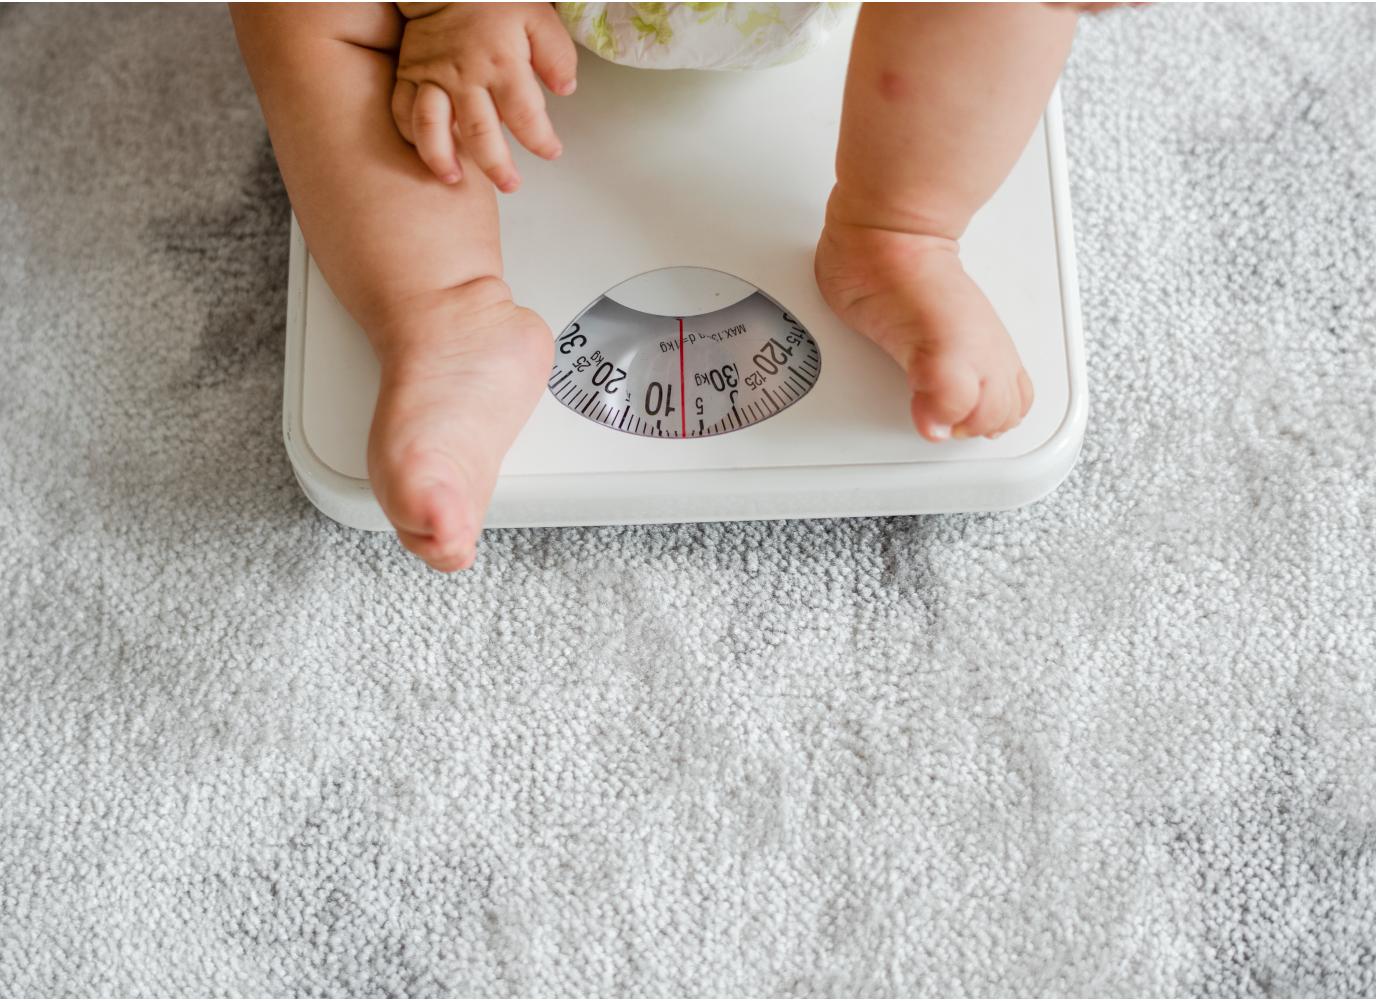 Nguyên nhân, dấu hiệu trẻ 5 tháng không tăng cân